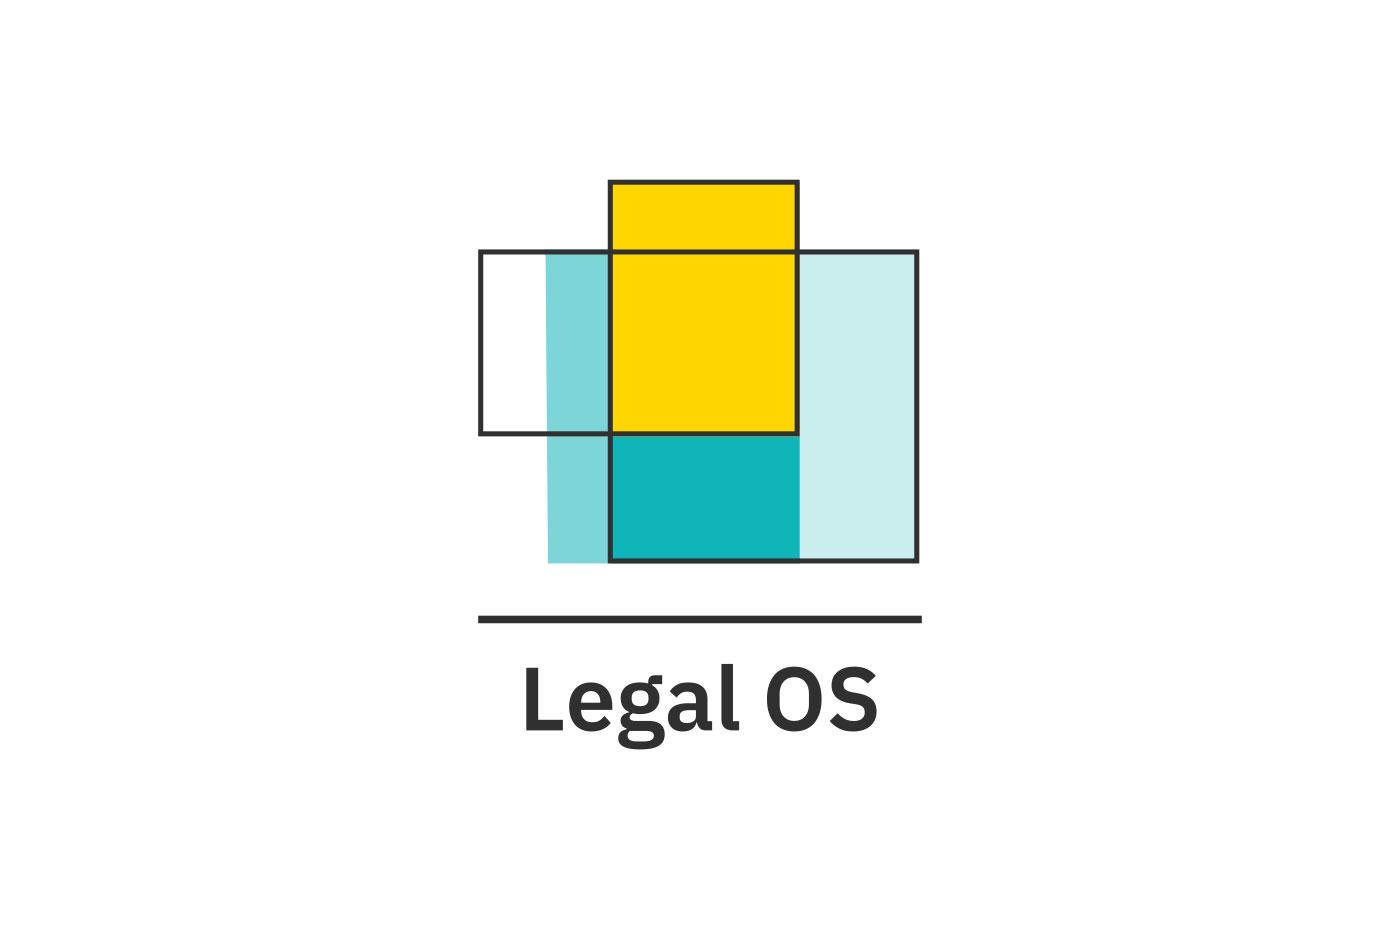 Legal OS